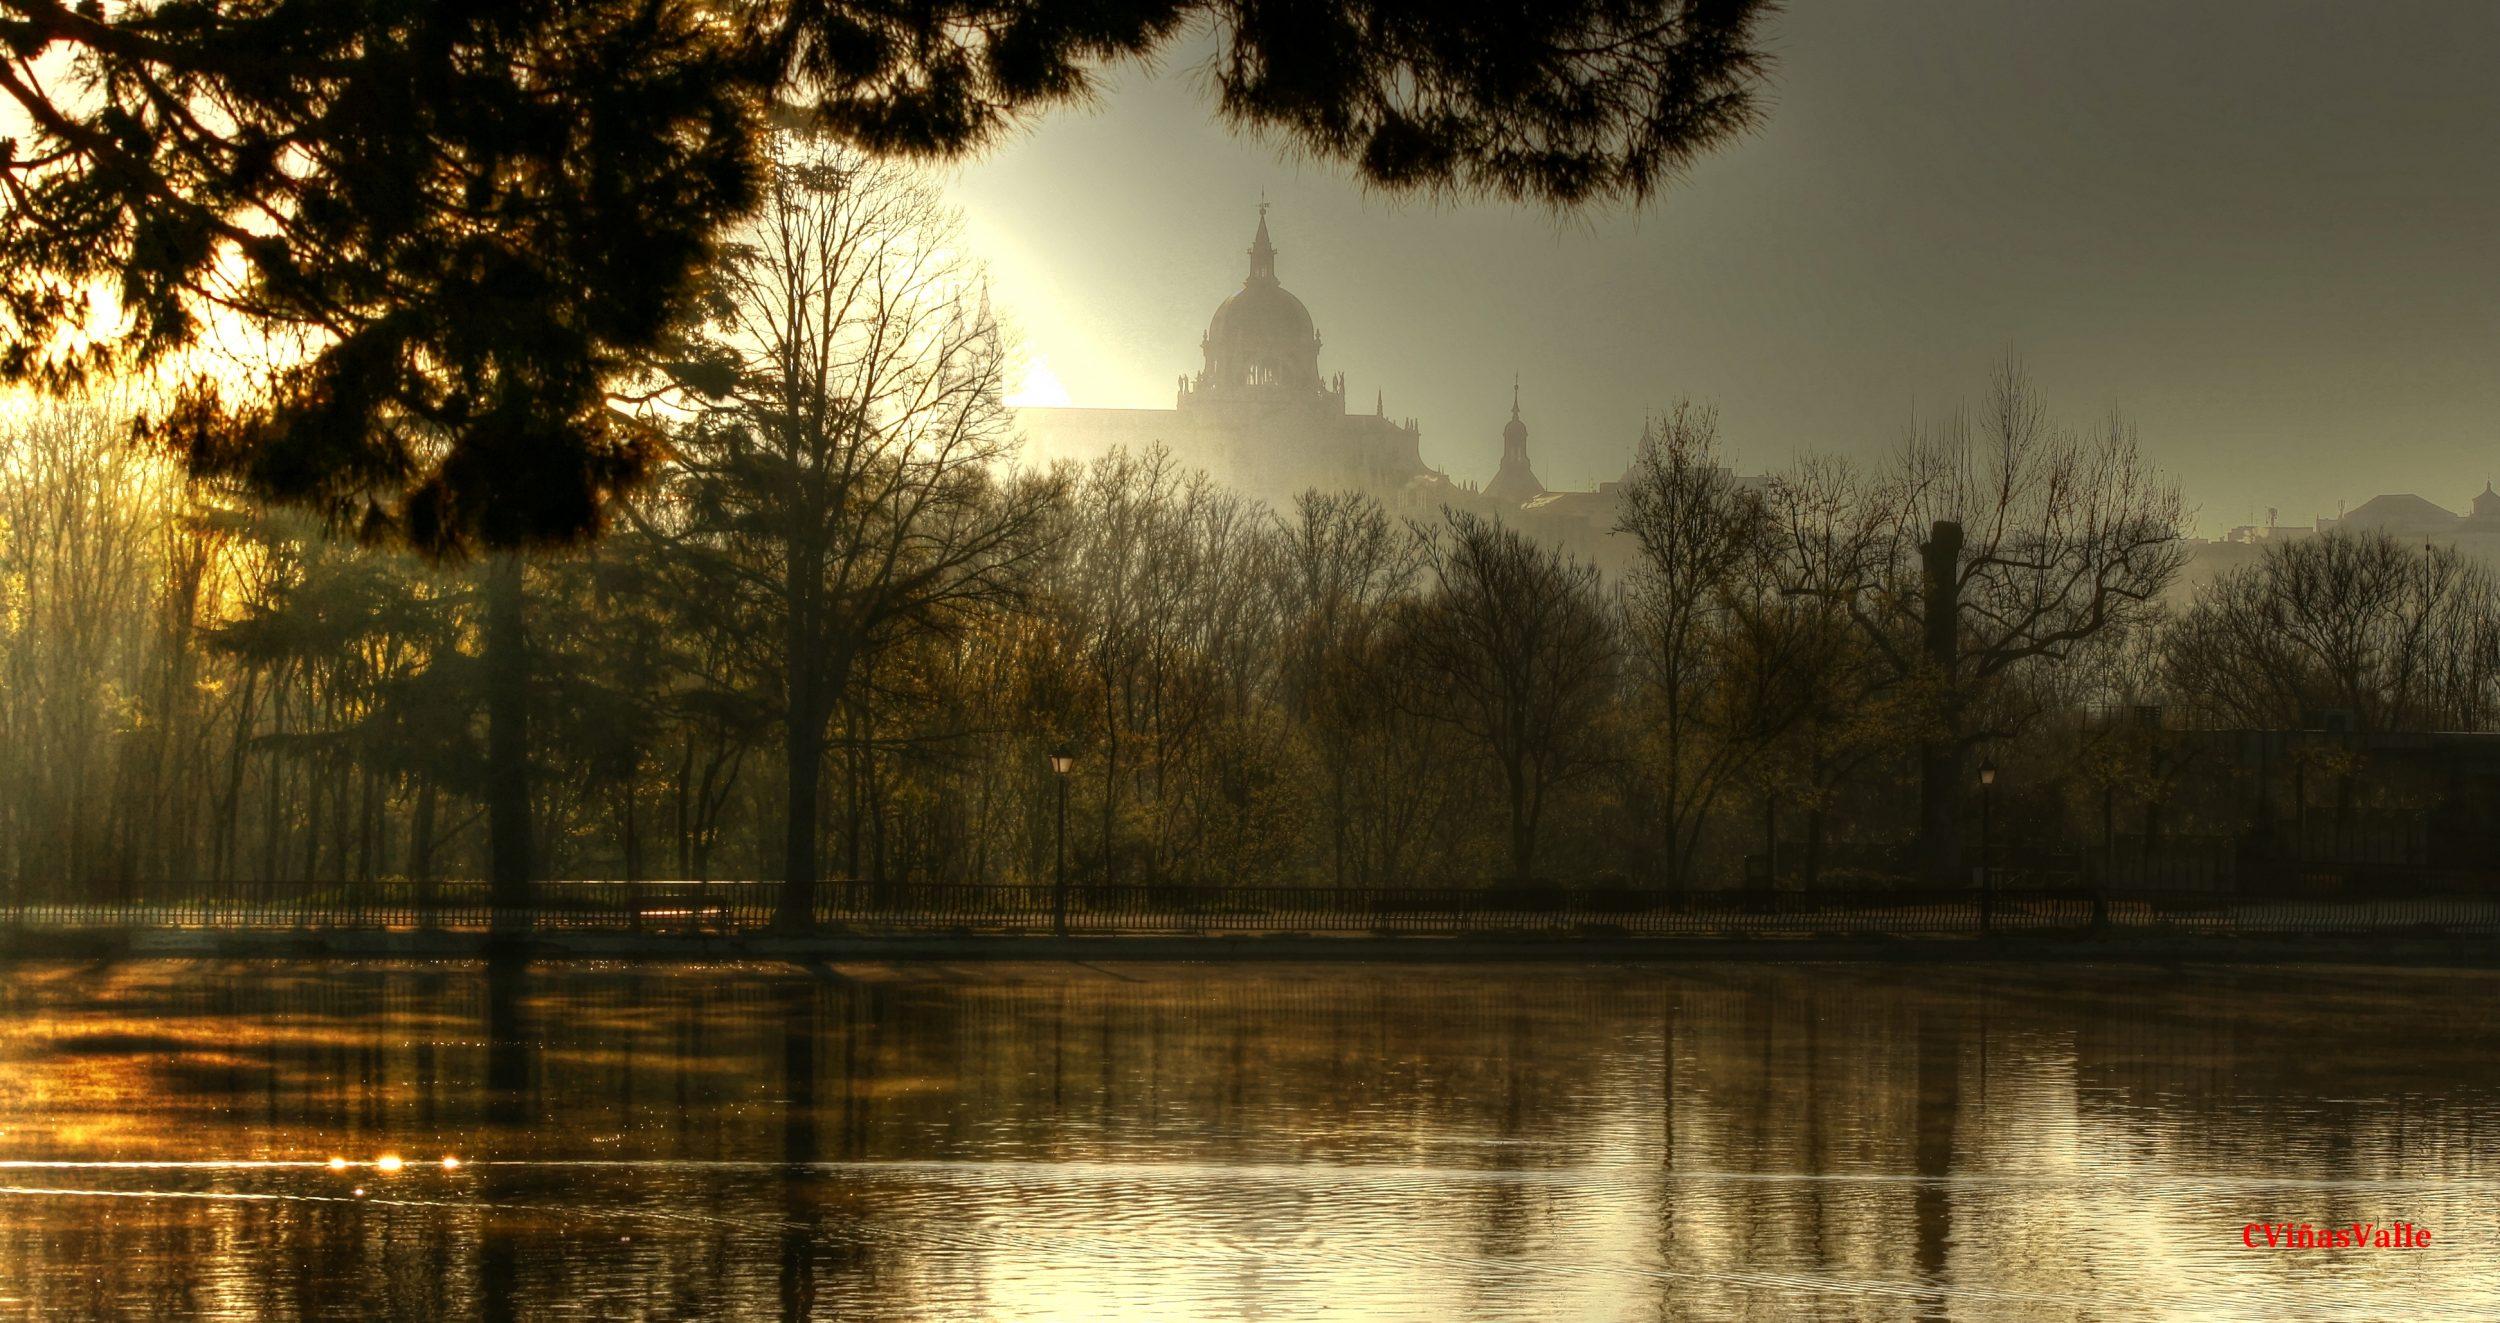 Espanha E Seu Maior Parque Urbano: A Casa De Campo